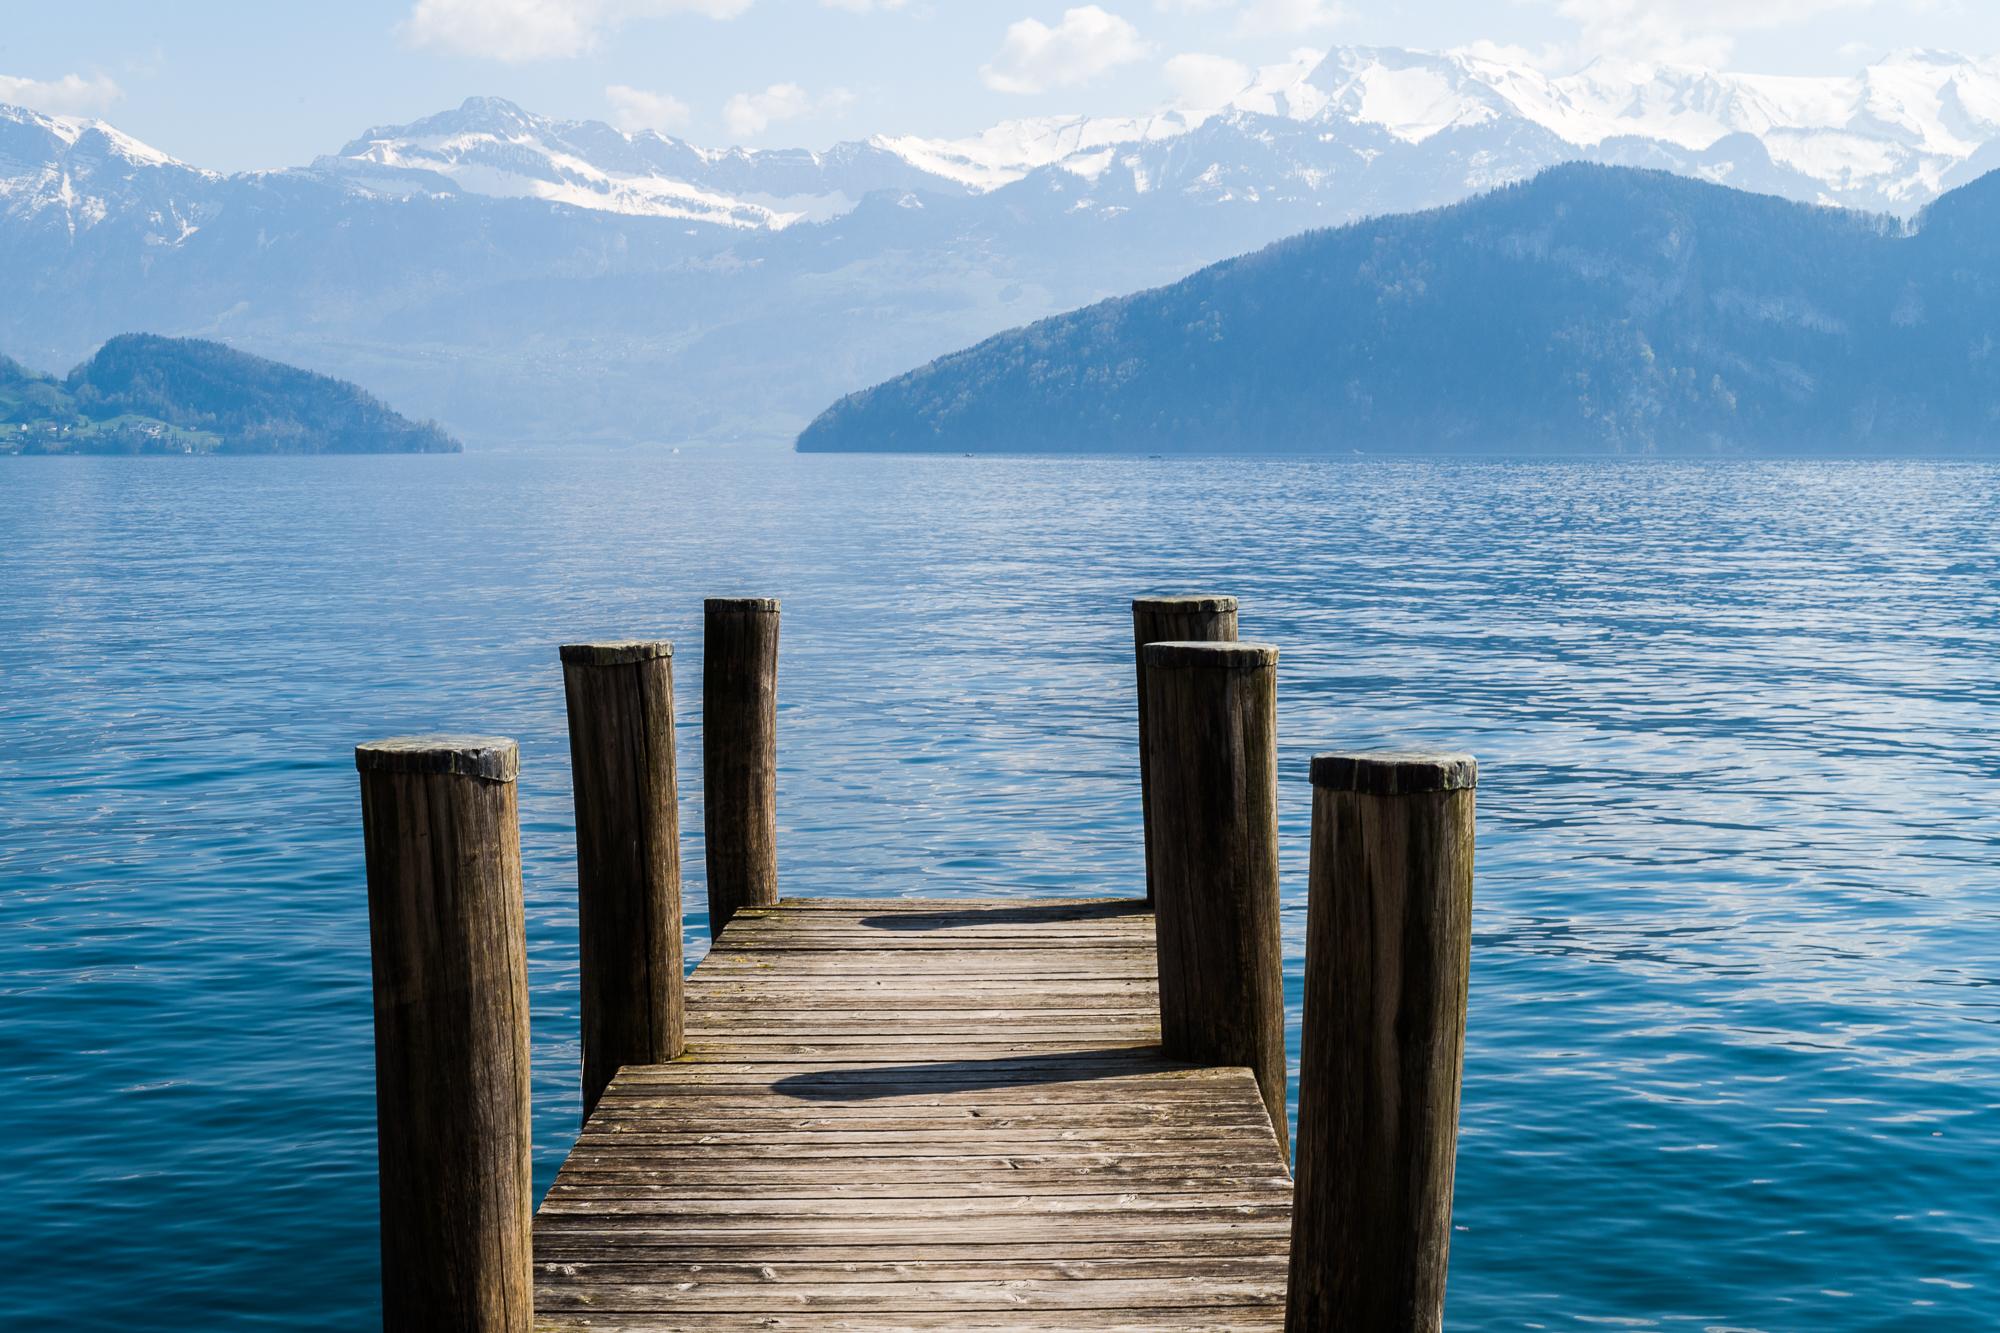 Dock on Lake Lucerne